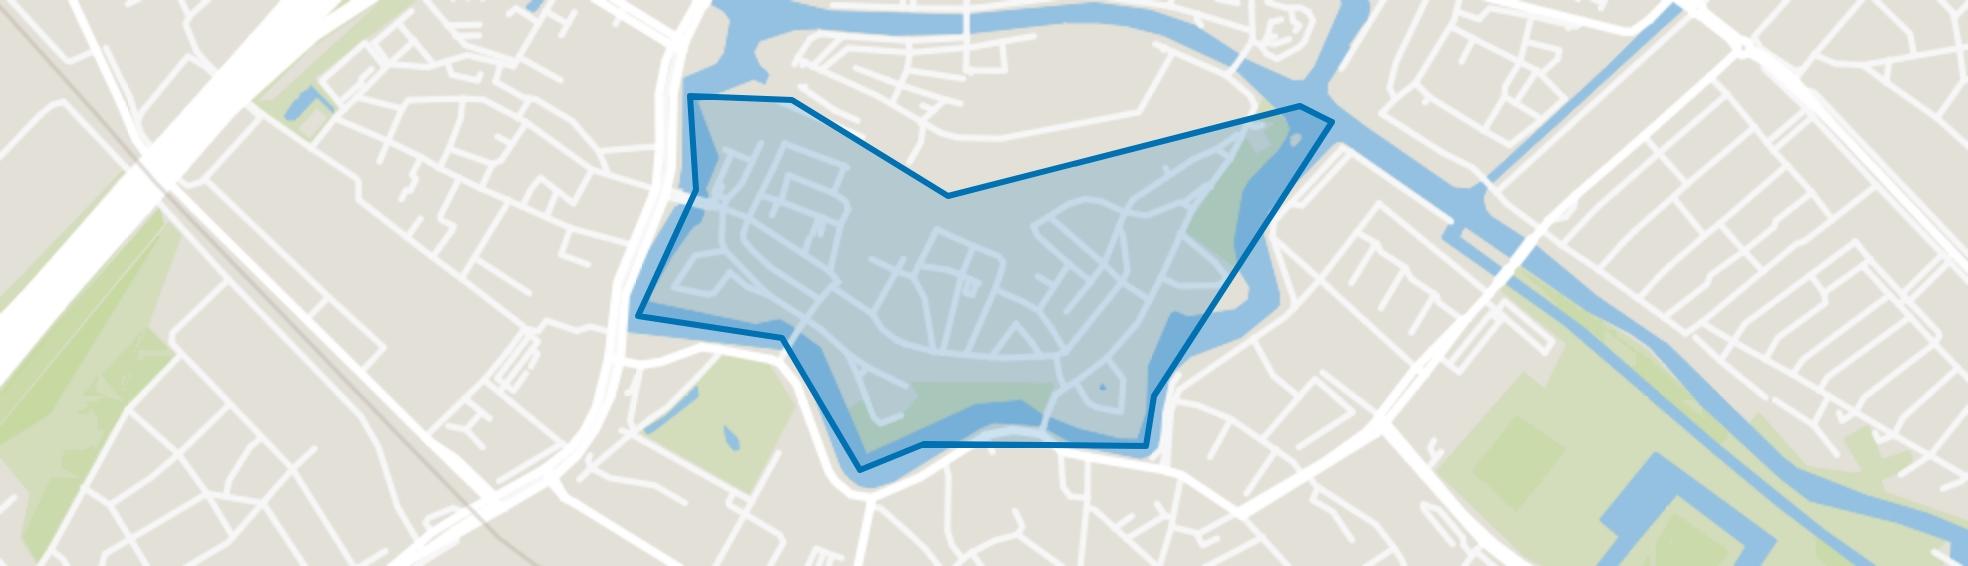 Binnenstad-Zuid, Zwolle map